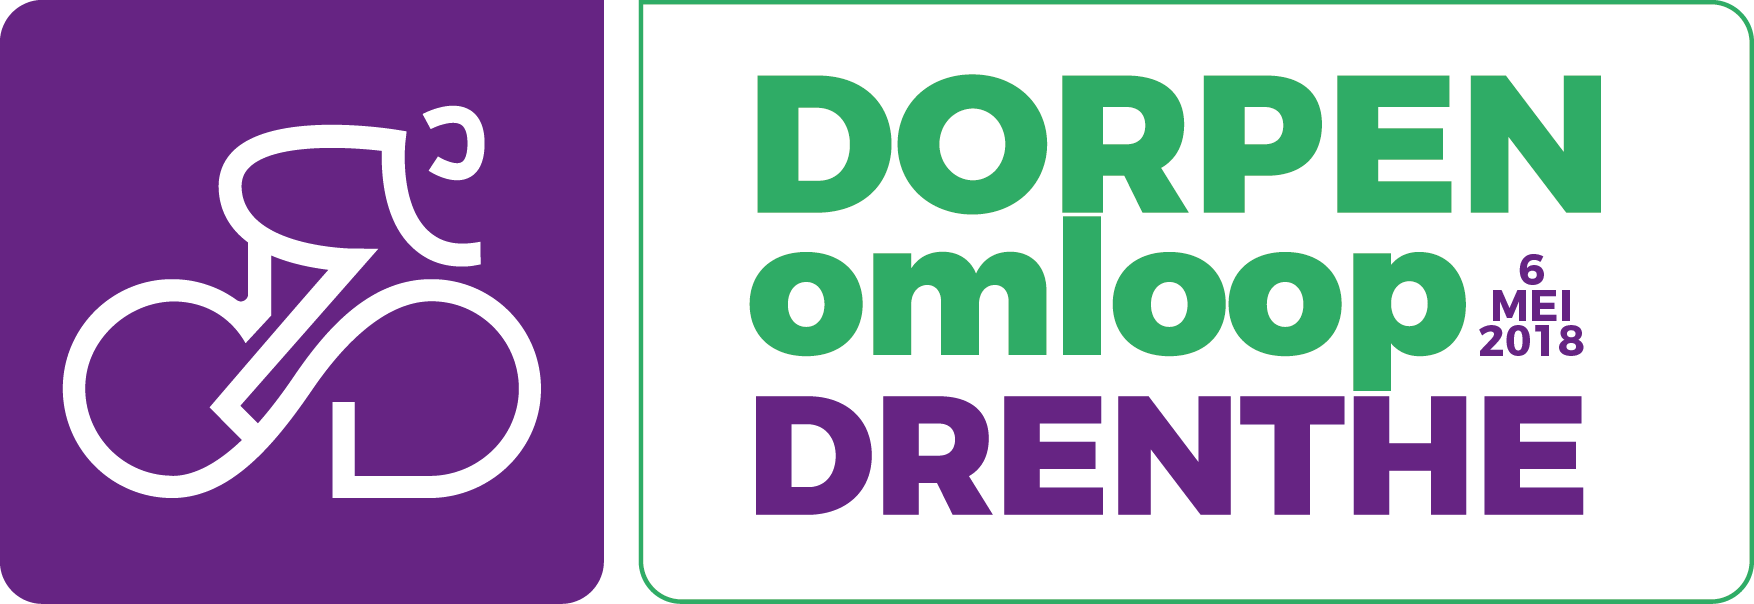 Dorpenomloop Drenthe